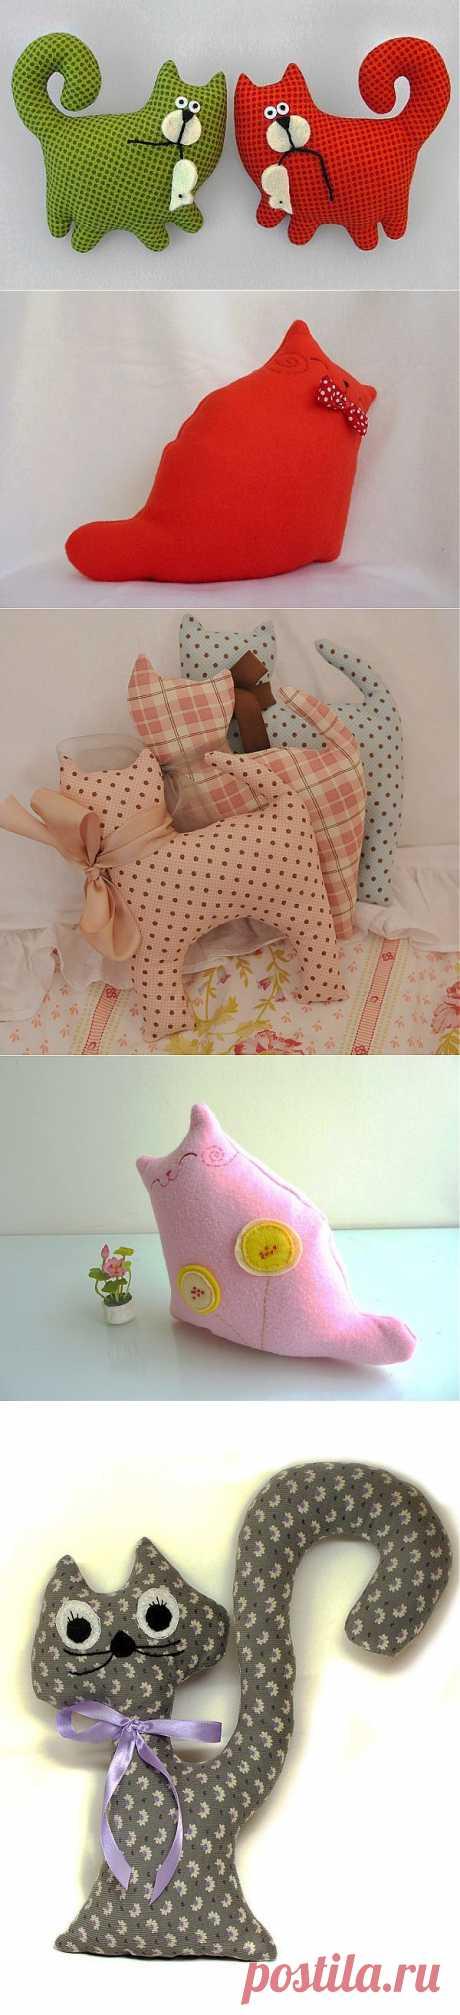 Текстильные коты